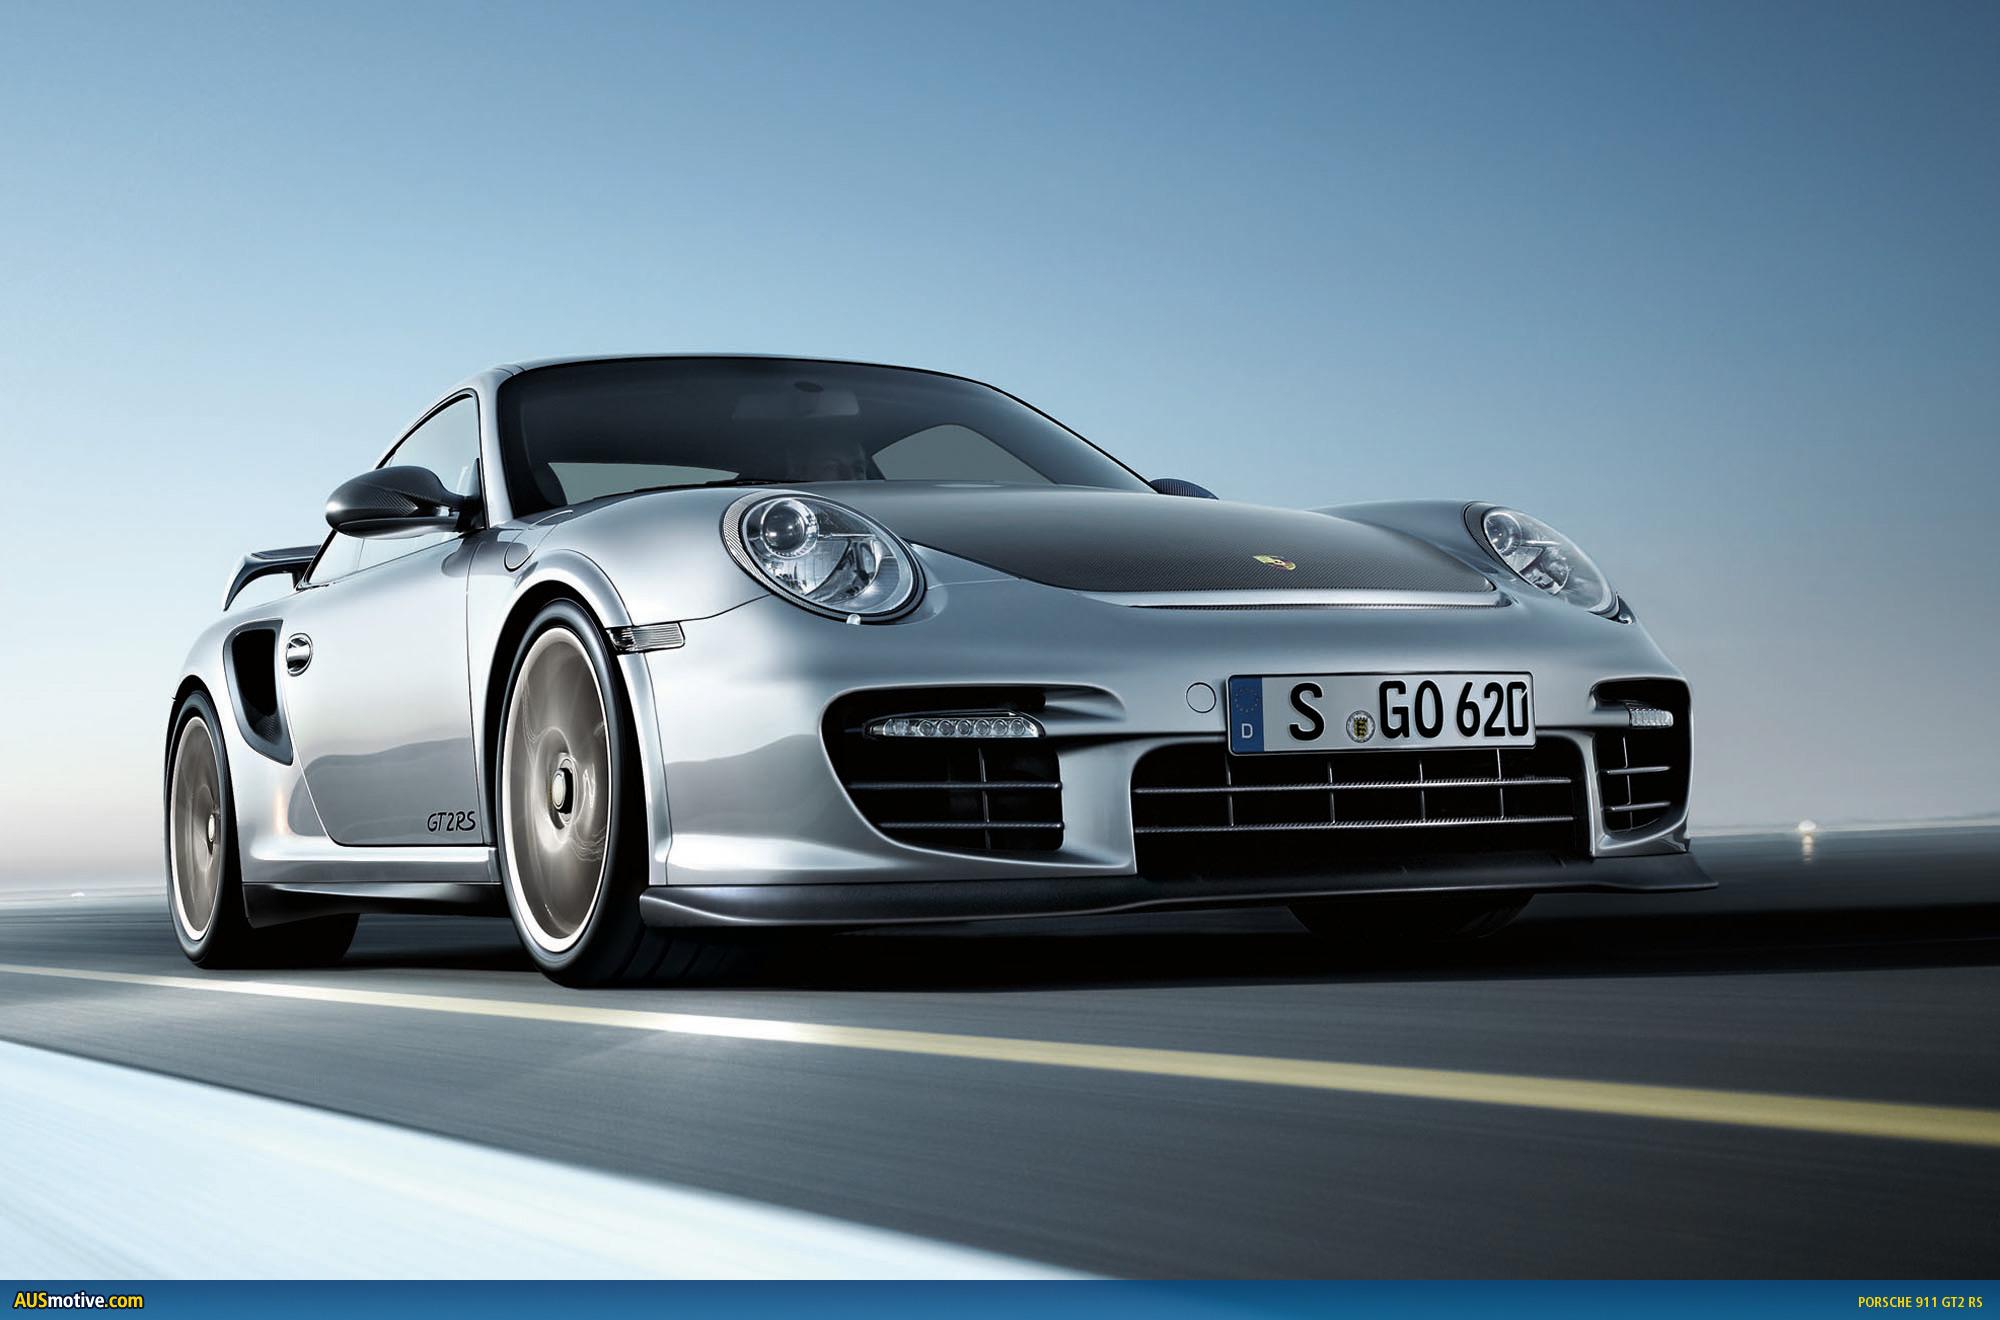 OFFICIAL: Porsche 911 GT2 RS